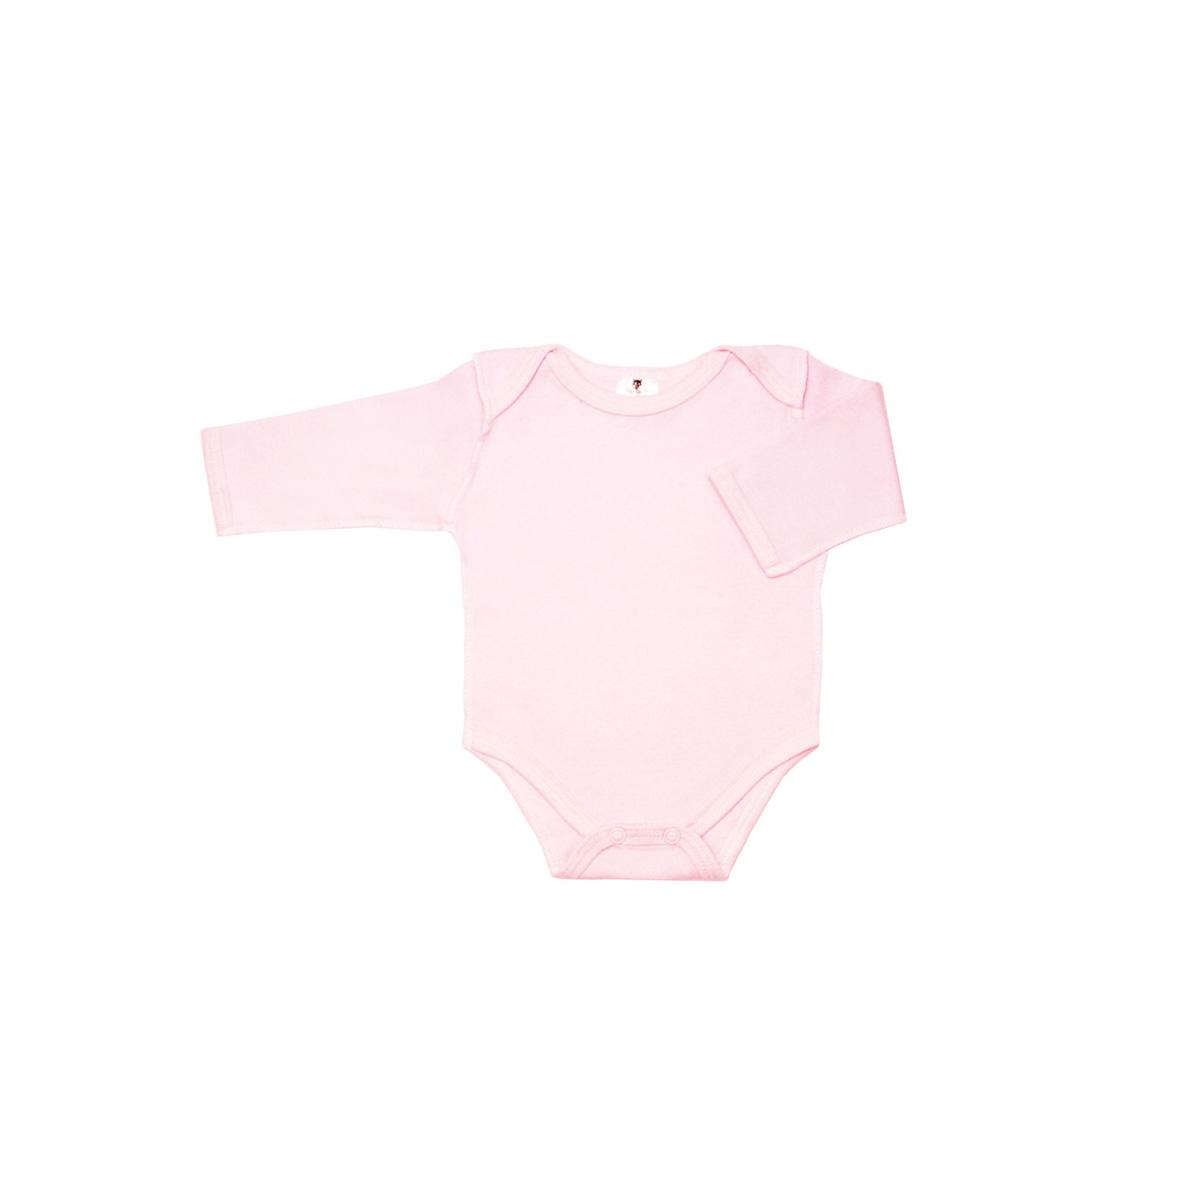 Боди с рукавом КОТМАРКОТ для девочки, цвет однотонный розовый 1 год (размер 86)<br>